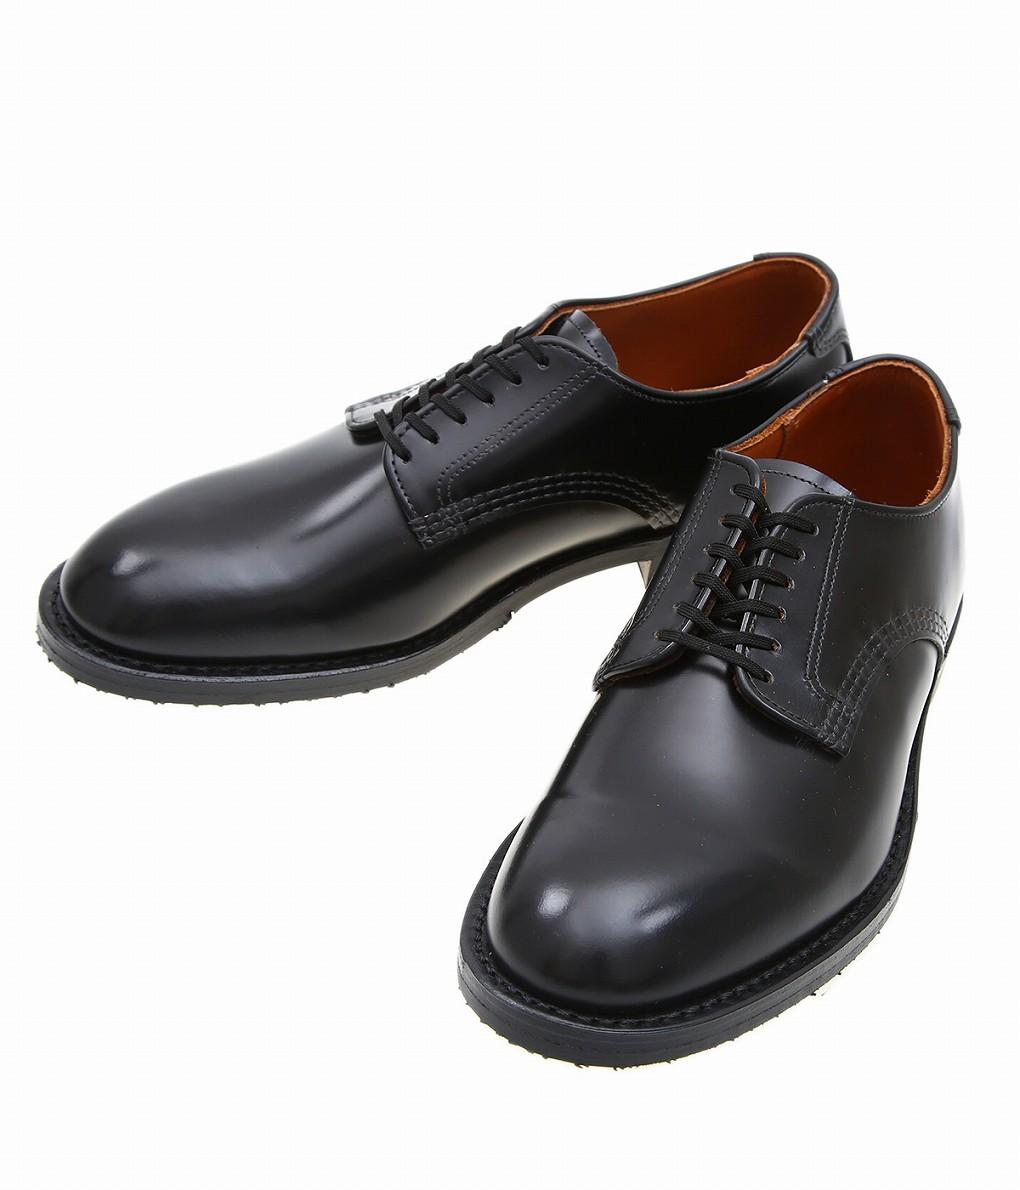 RED WING / レッドウィング : MIL-1 BLUCHER OXFORD : レザーシューズ 革靴 オックスフォード プレーントゥー メンズ 靴 : 9087 【STD】